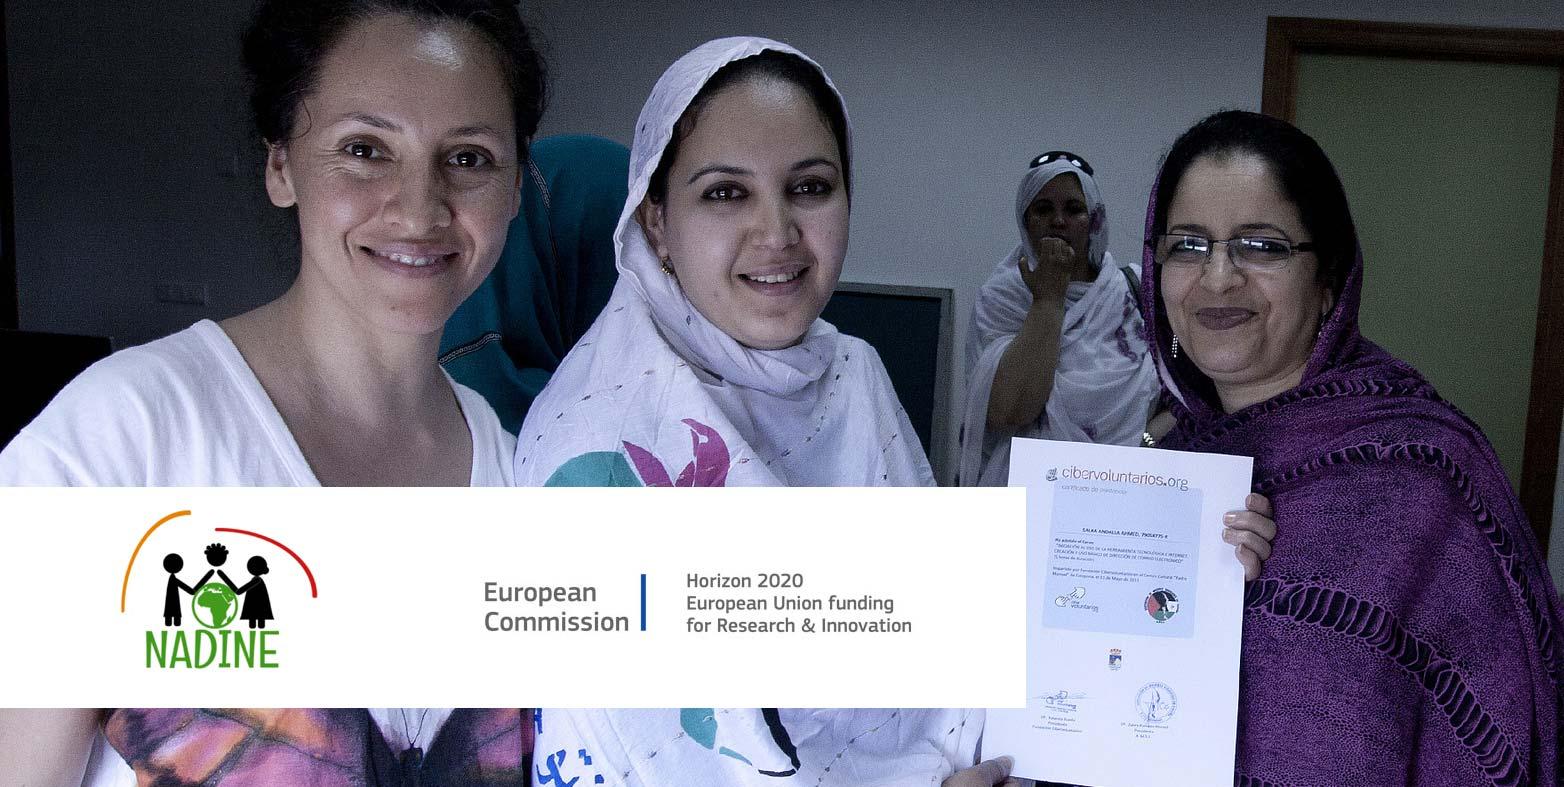 Sistema Digital Integrado para el apoyo Social de Migrantes y refugiados: Encuentro Horizonte 2020 en Tesalónica